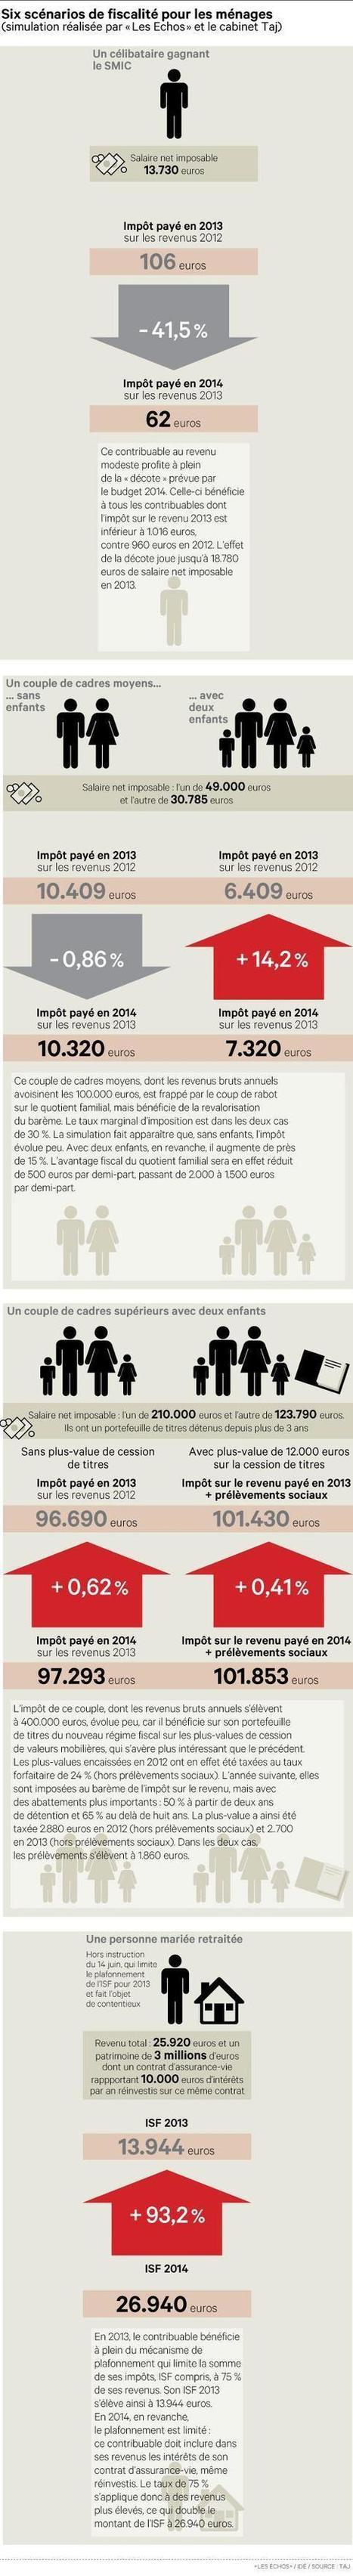 Impôts: il n'y aura pas de pause fiscale pour les ménages en 2014 | La fiscalité en France | Scoop.it